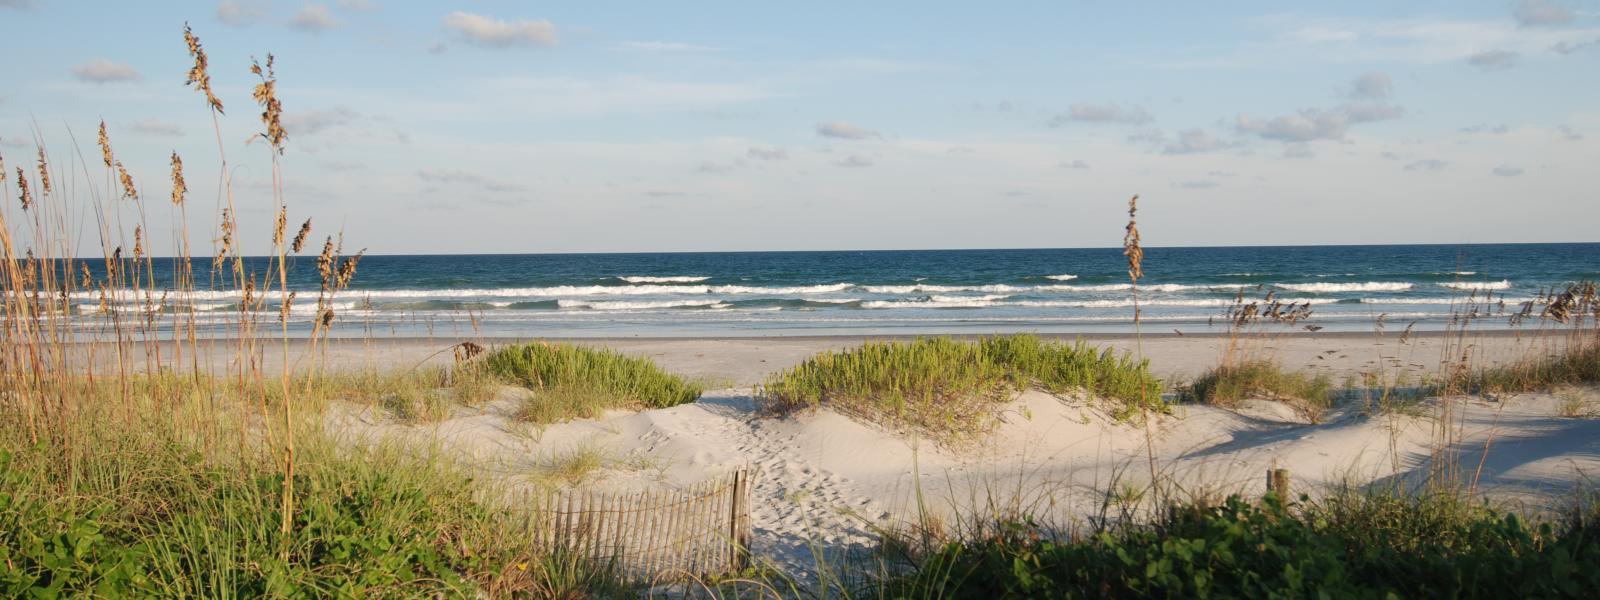 Carolina Beach Kure Wrightsville